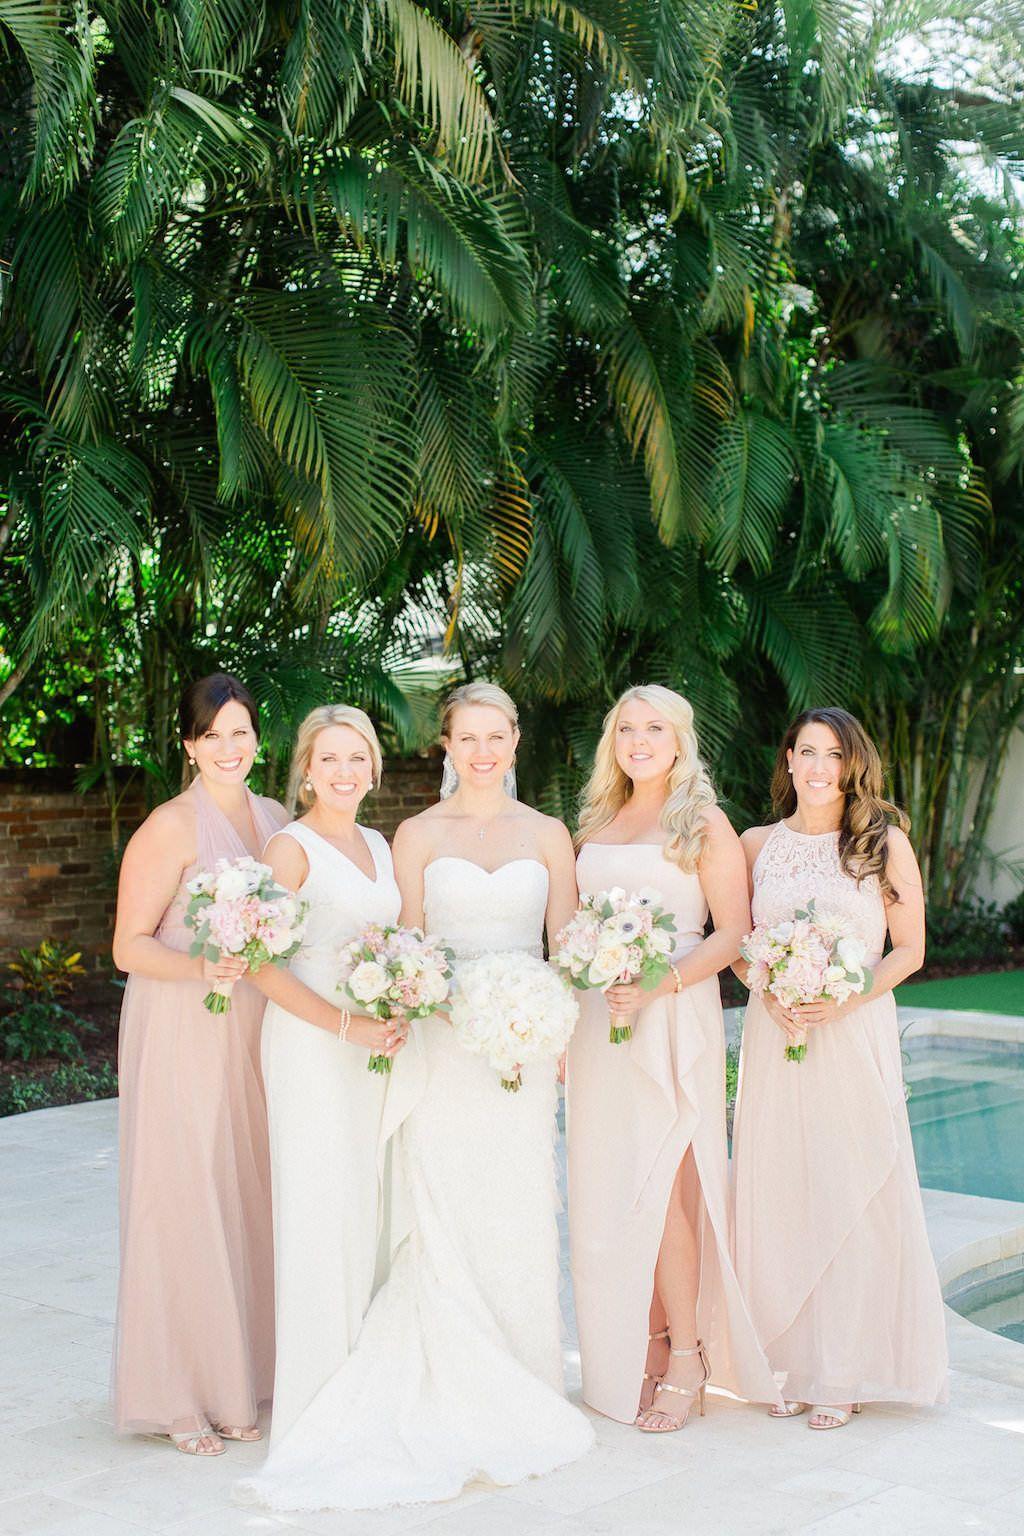 c5b79219567 Outdoor Bridal Party Portrait